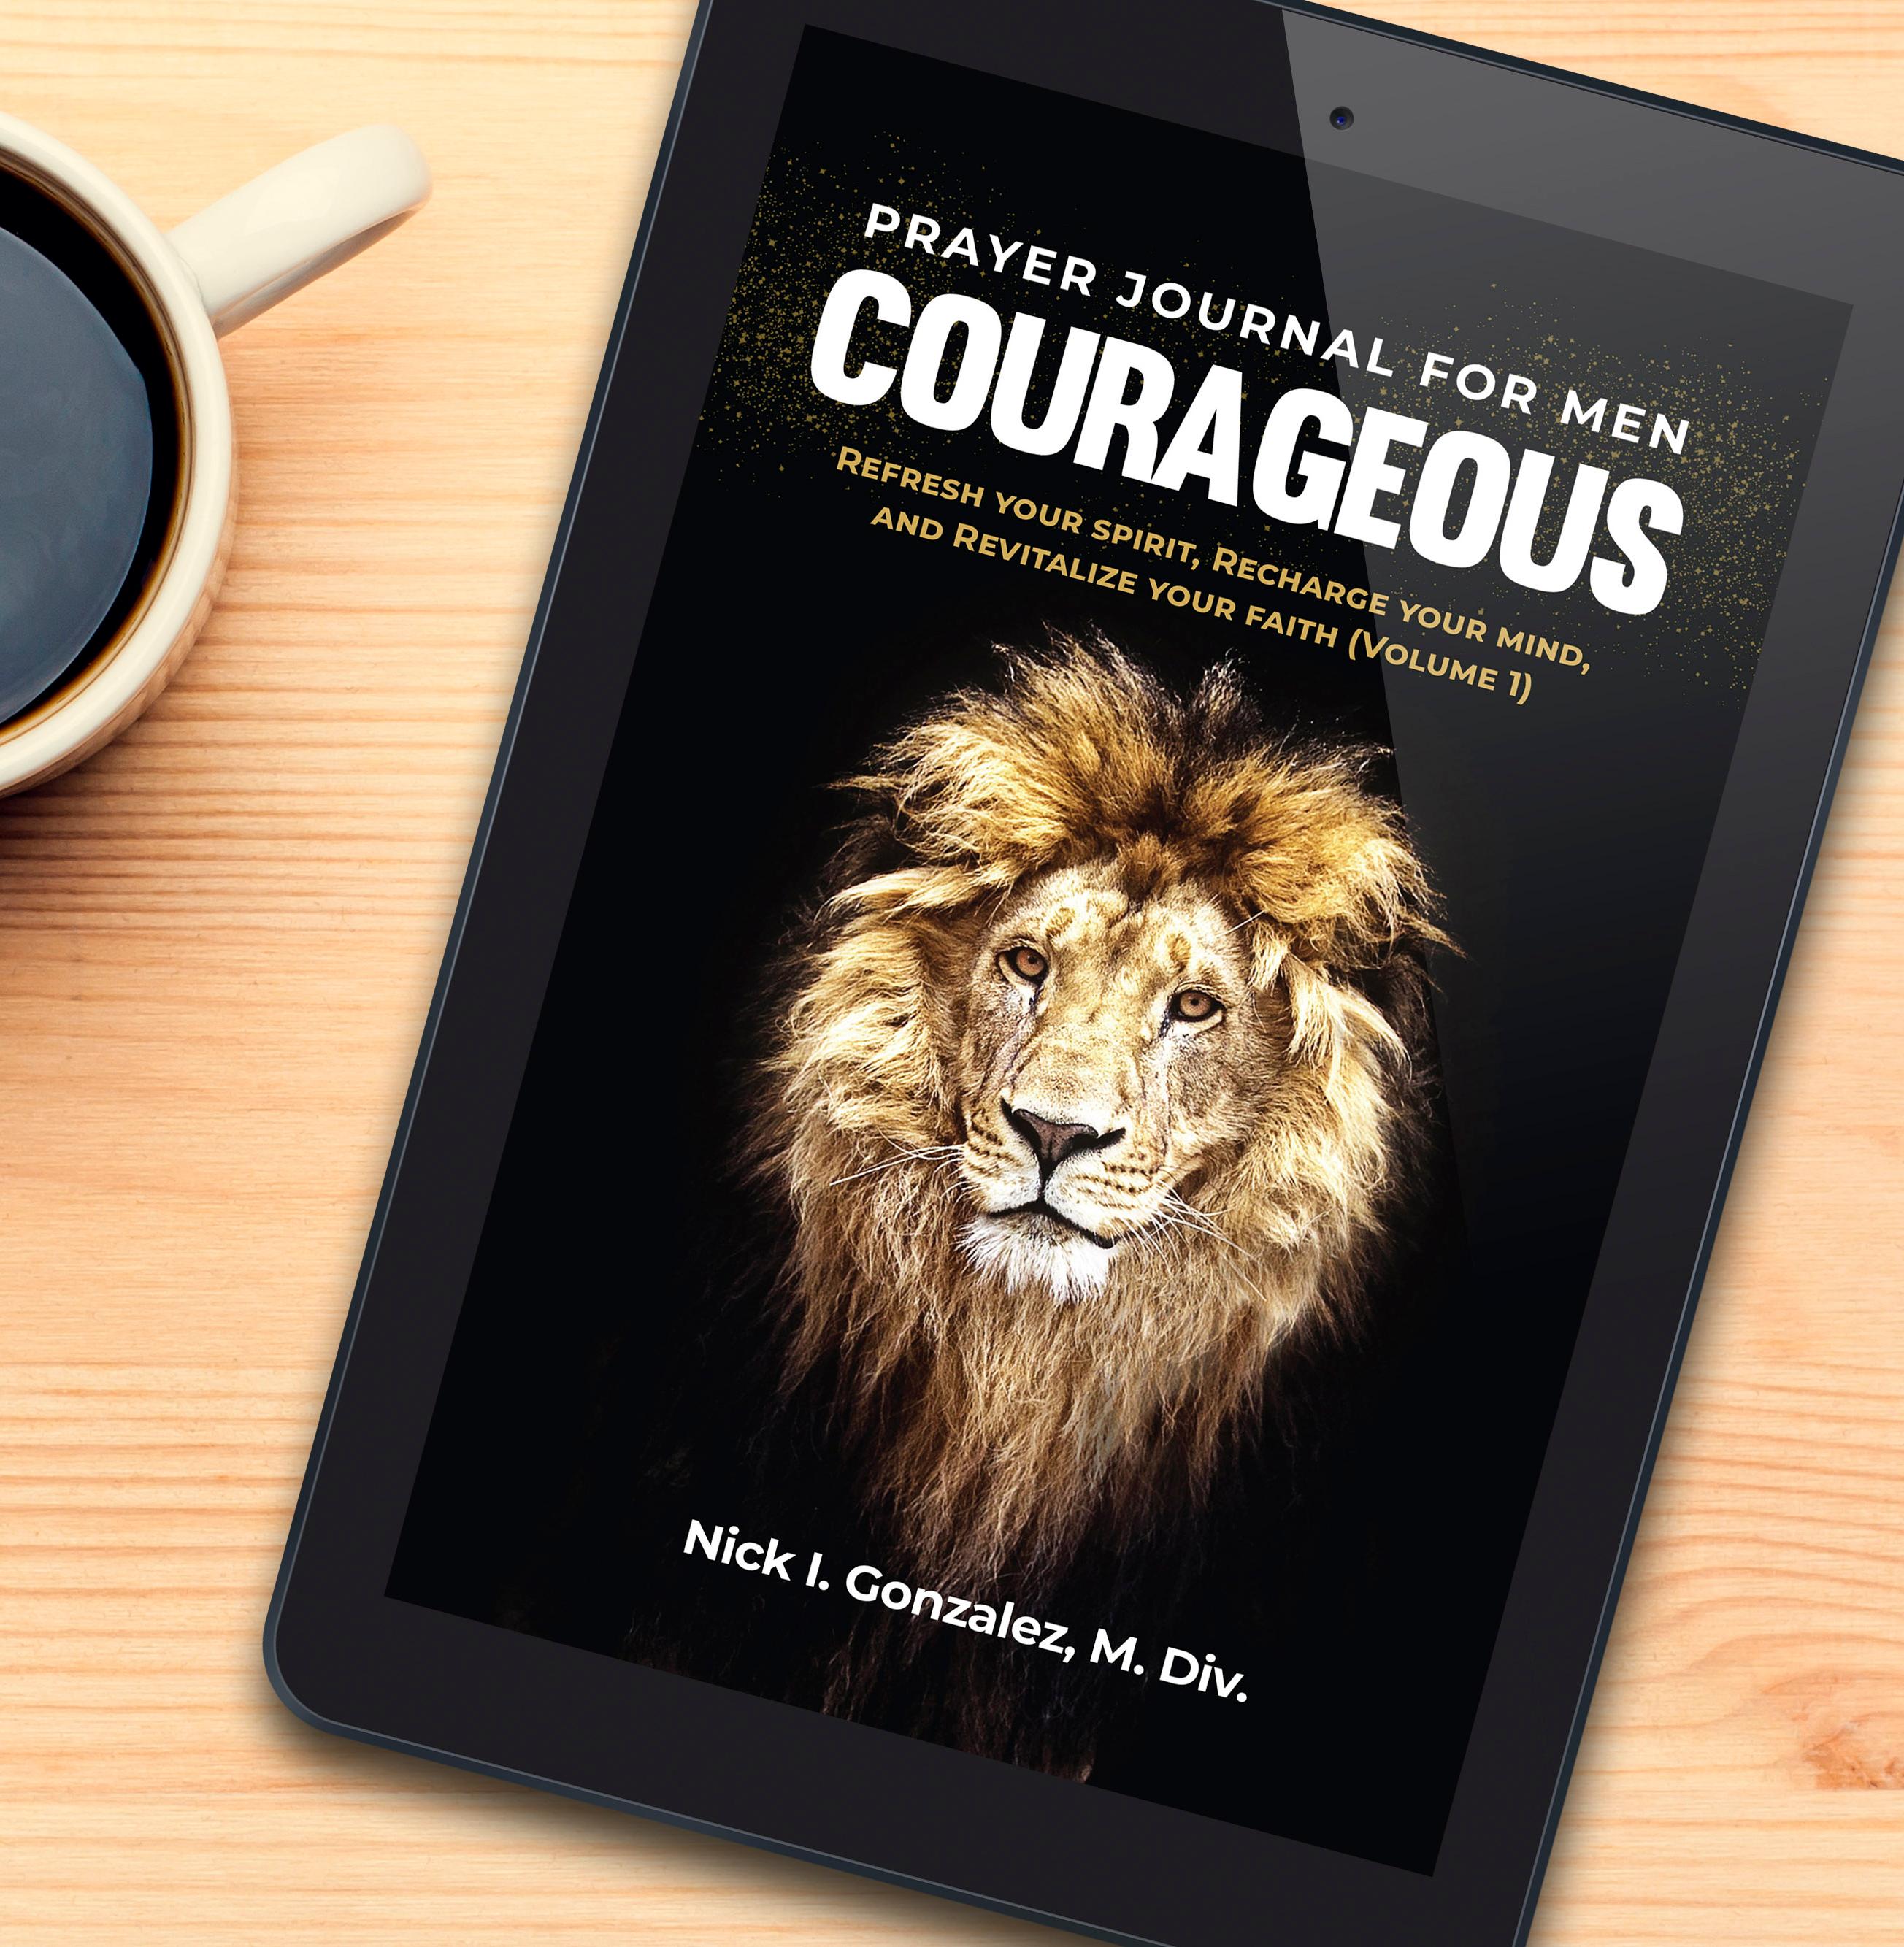 CourageousBook.com